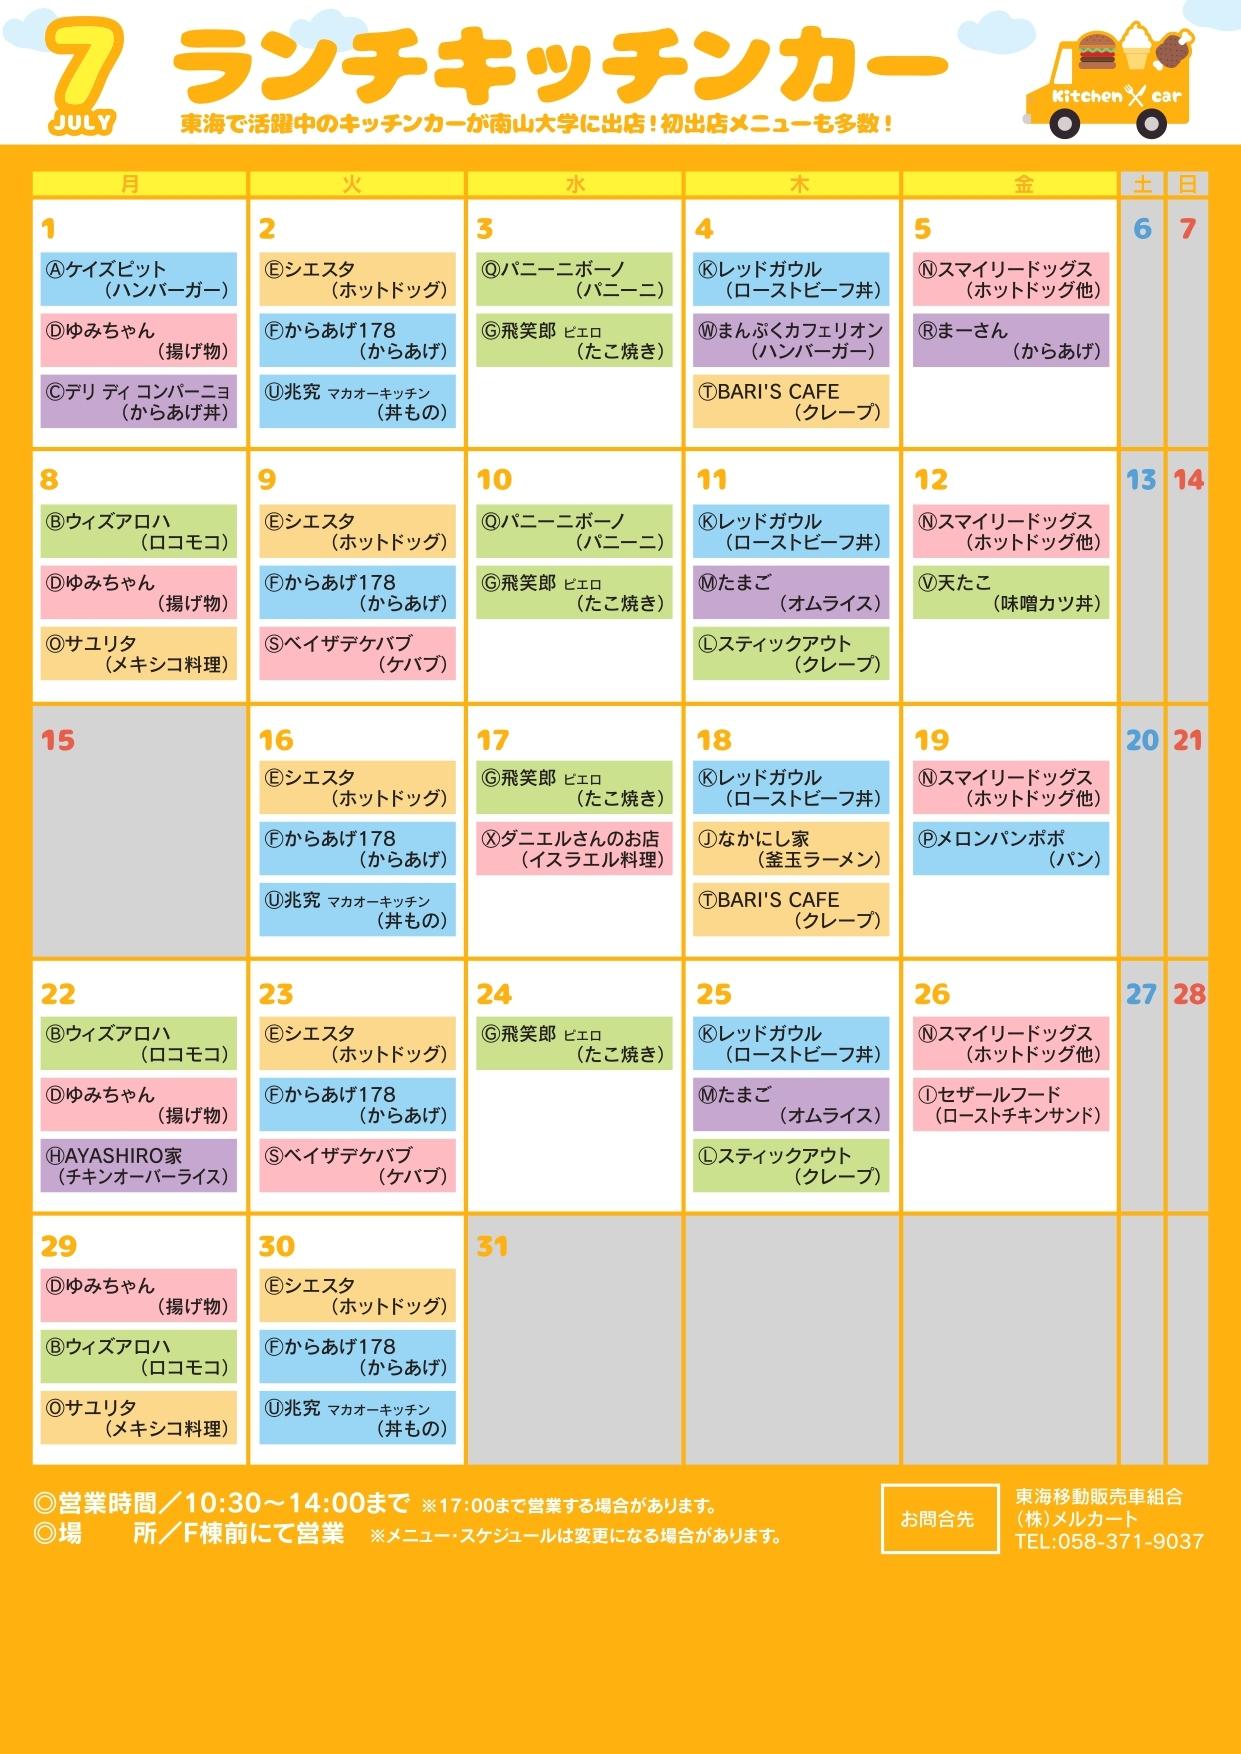 【東海移動販売車組合】7.8月の大学ランチキッチンカー